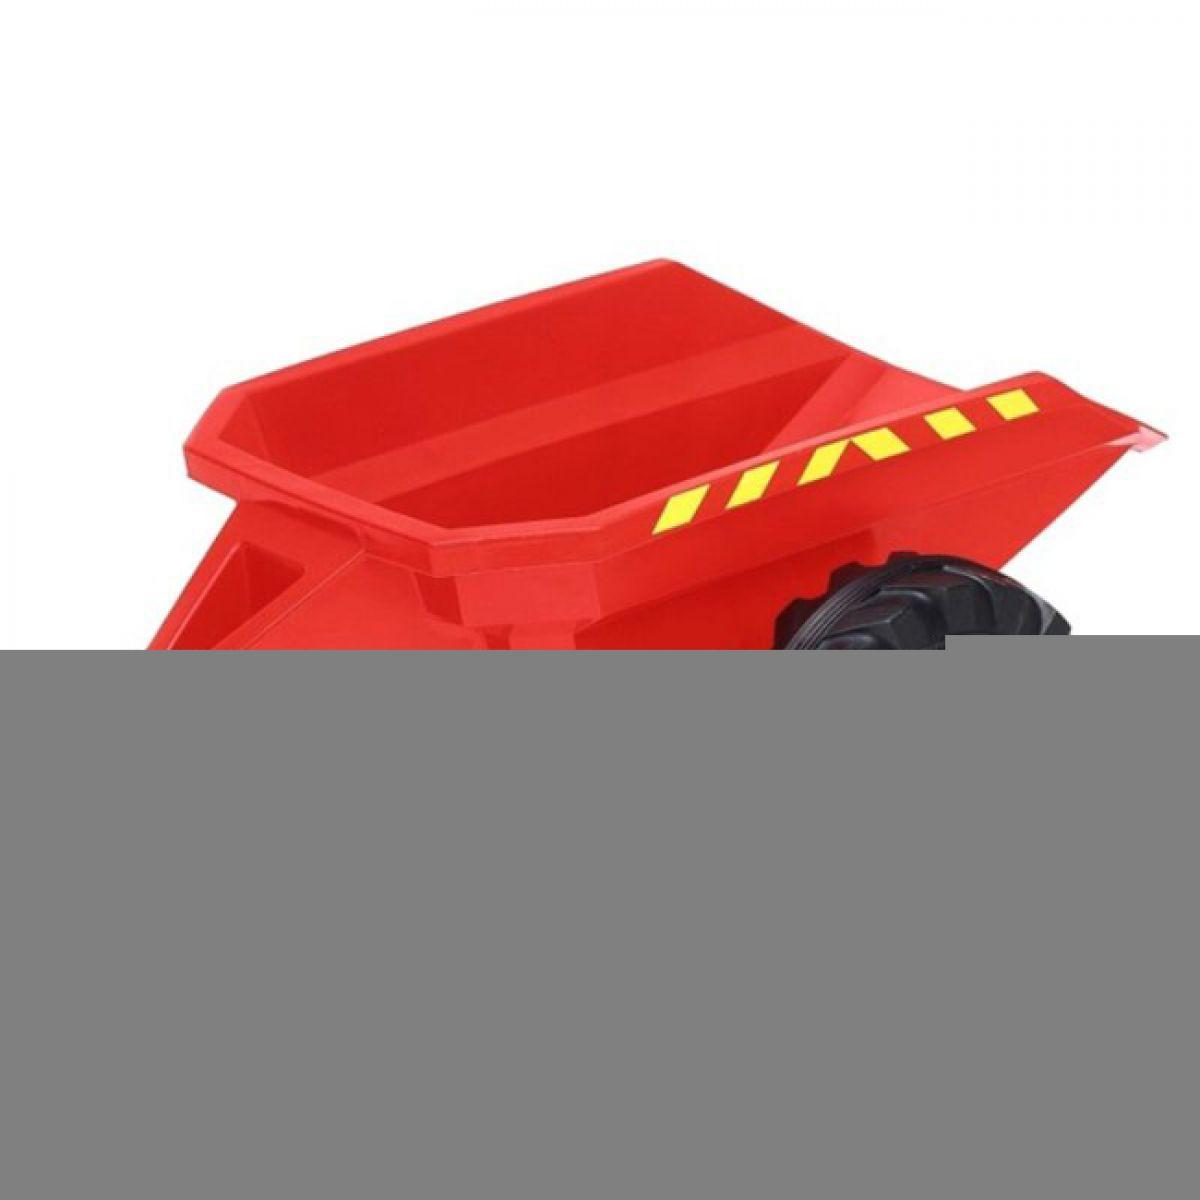 Přívěs Land Trac červený menší (2-5)